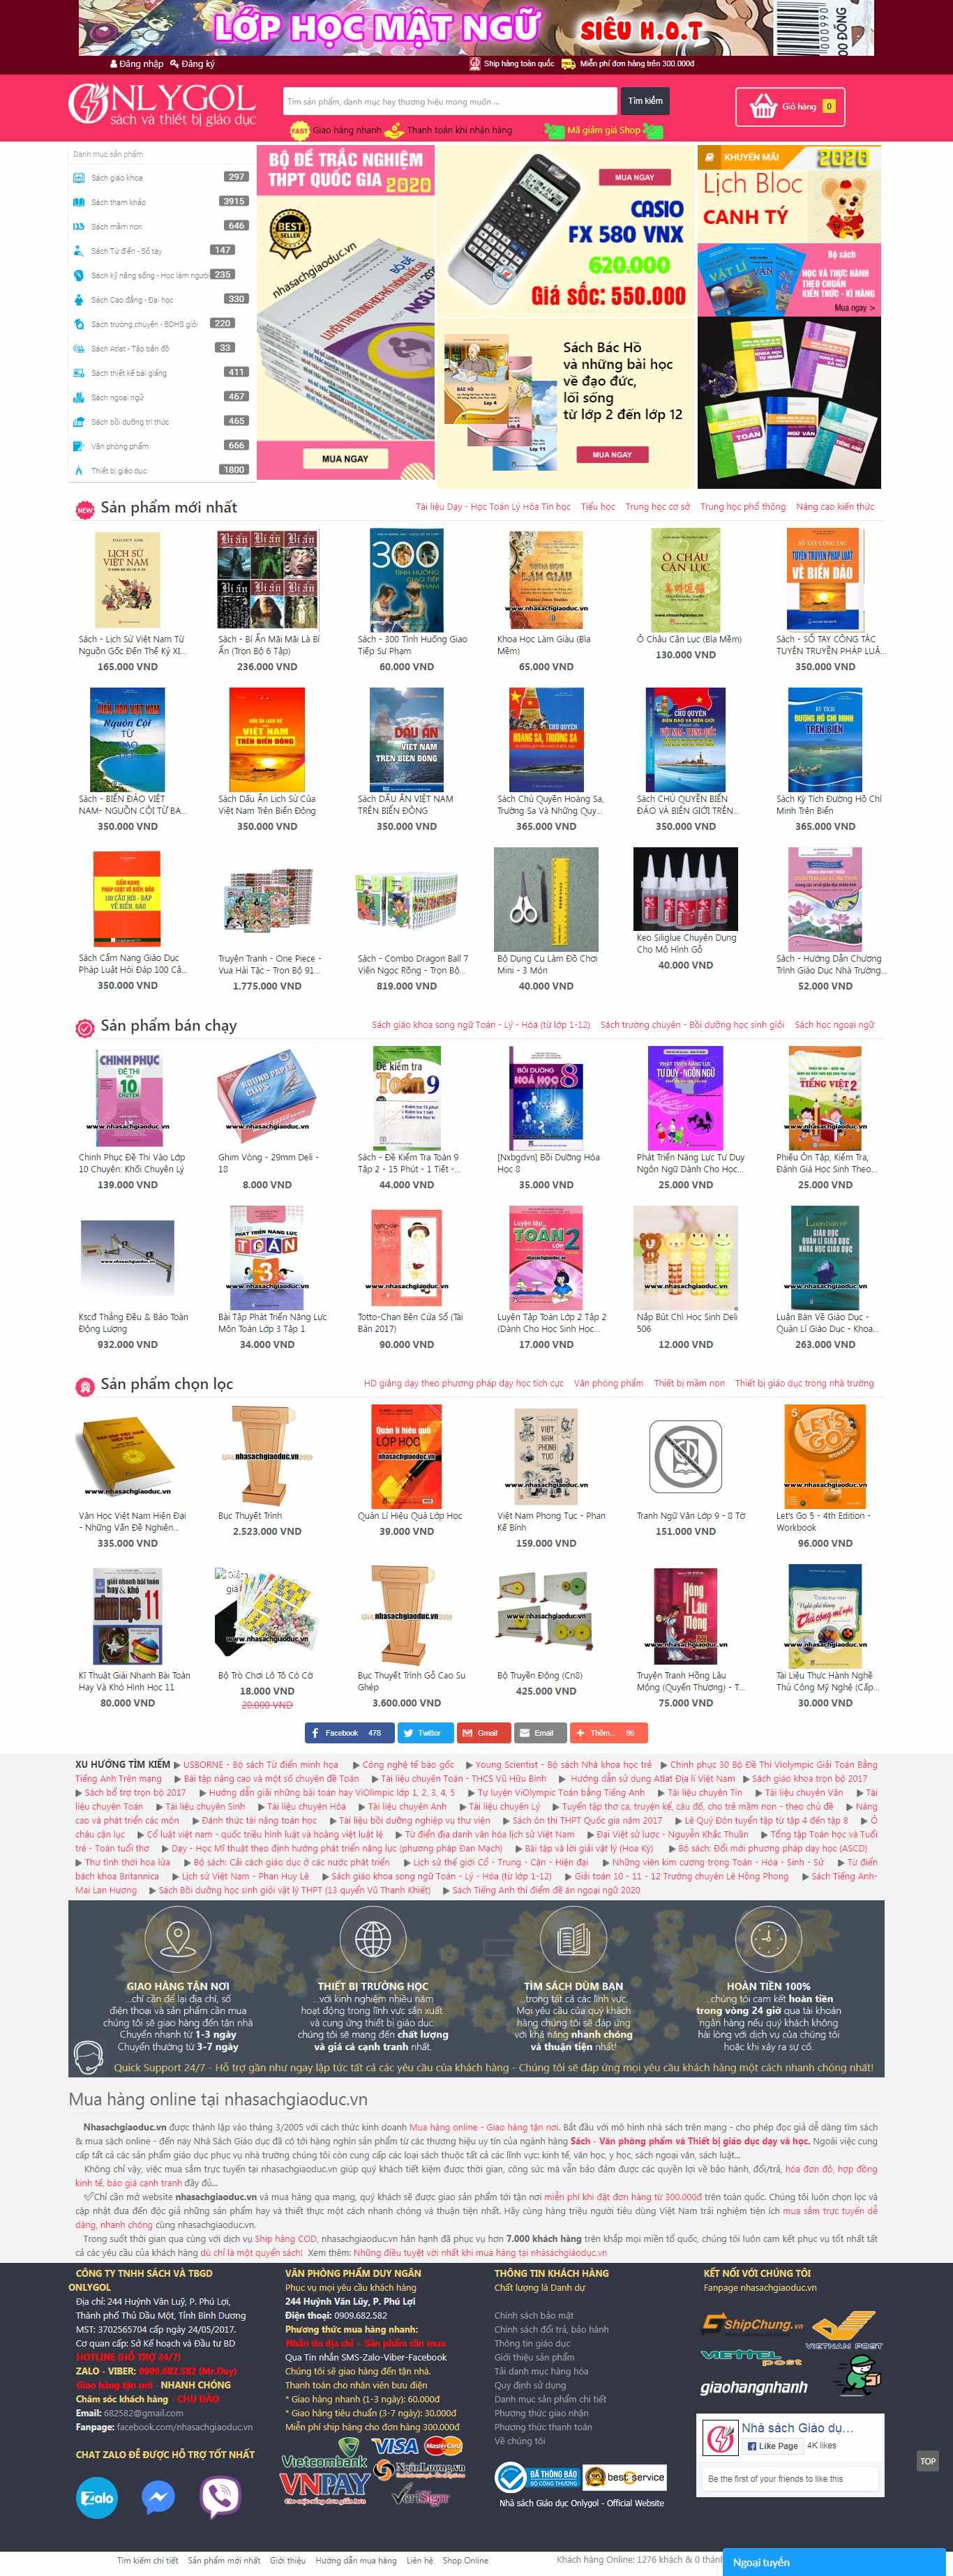 Thiết kế web sách giáo khoa - www.nhasachgiaoduc.vn